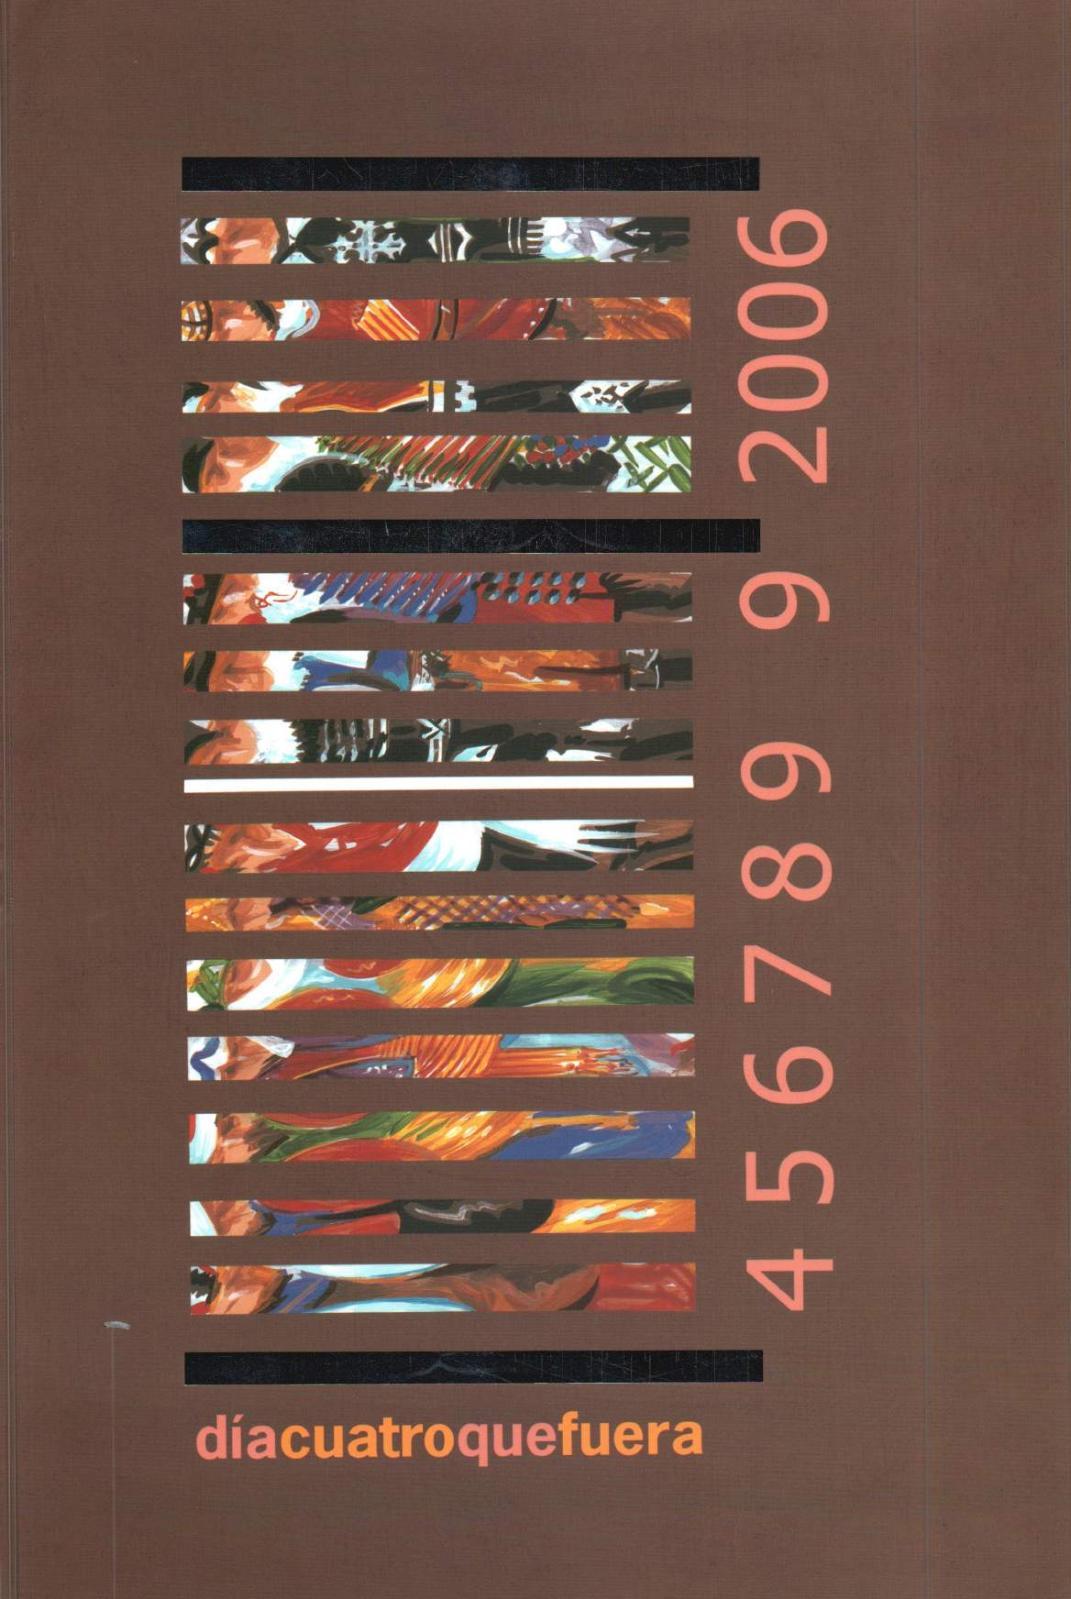 Calaméo Revista Día cuatro que fuera 2006